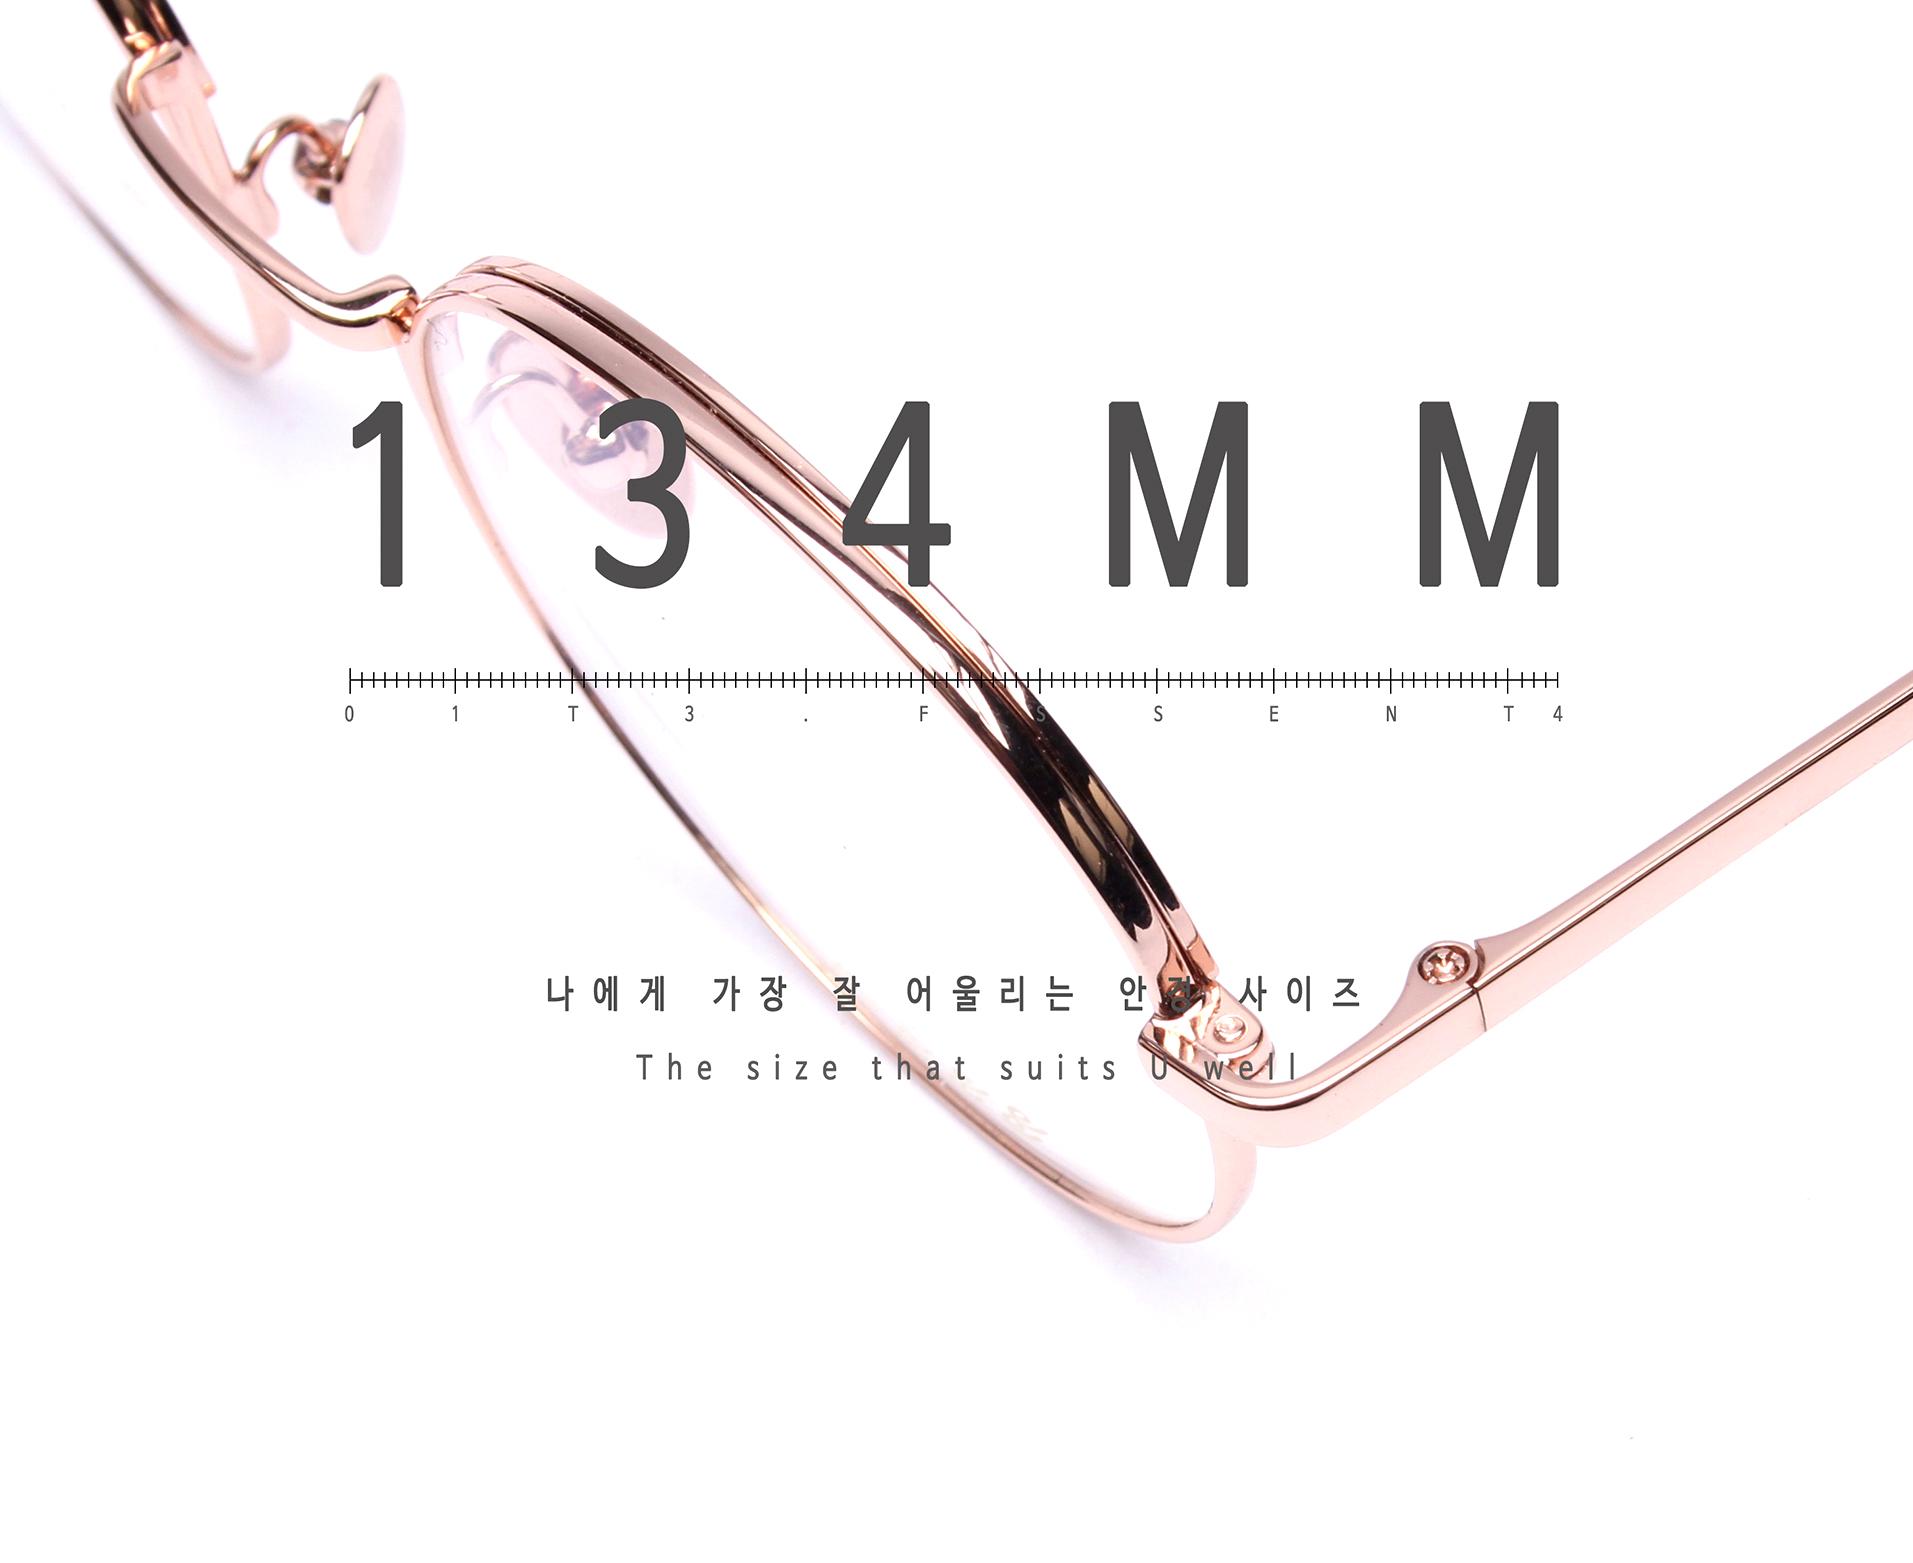 일삼사엠엠(134MM) A000640 로즈골드 티타늄-IP도금